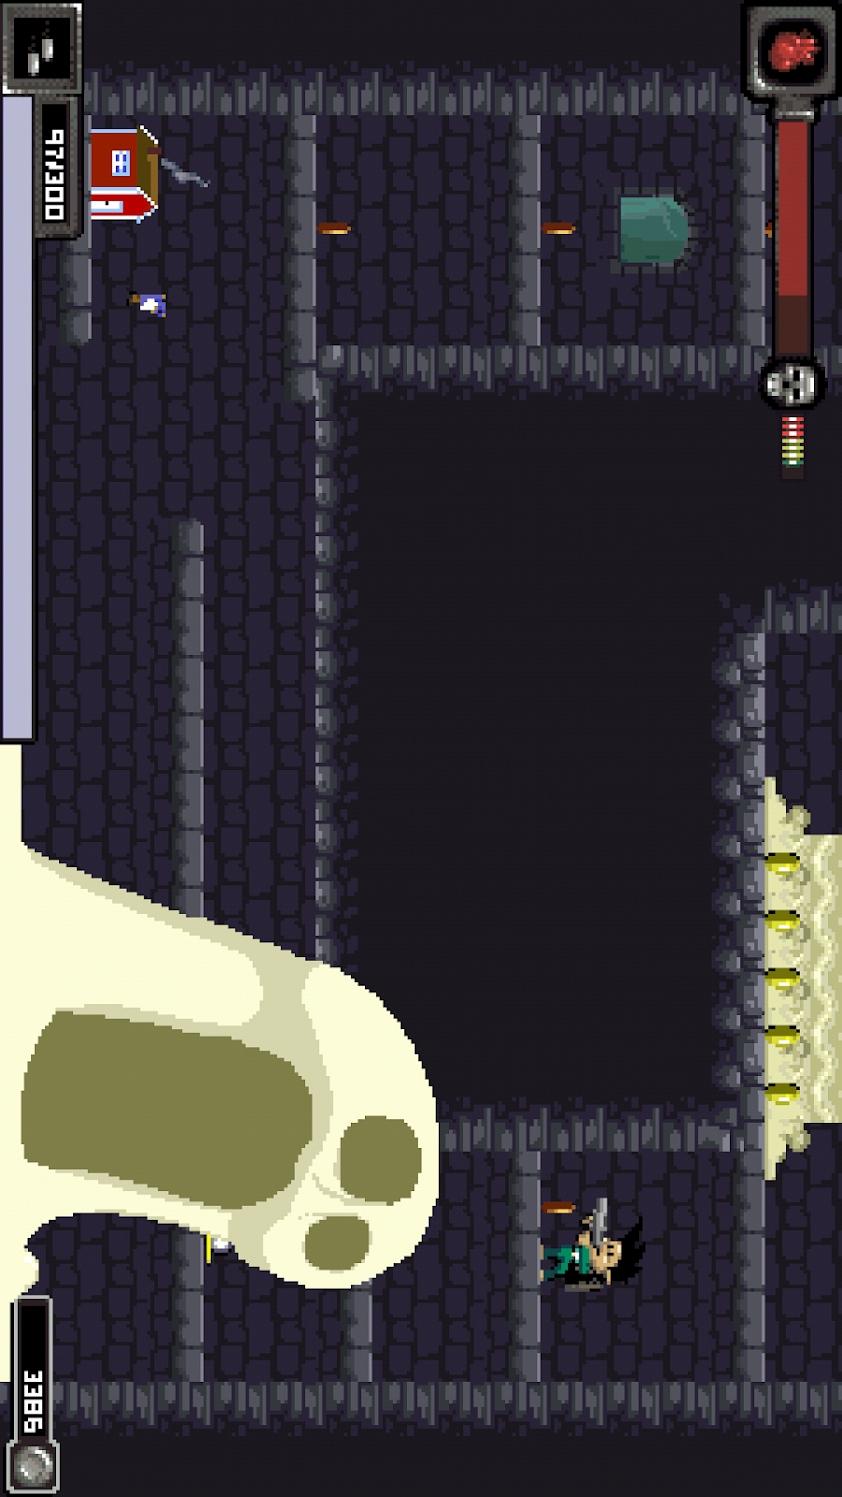 西福洛特精灵黎明游戏截图